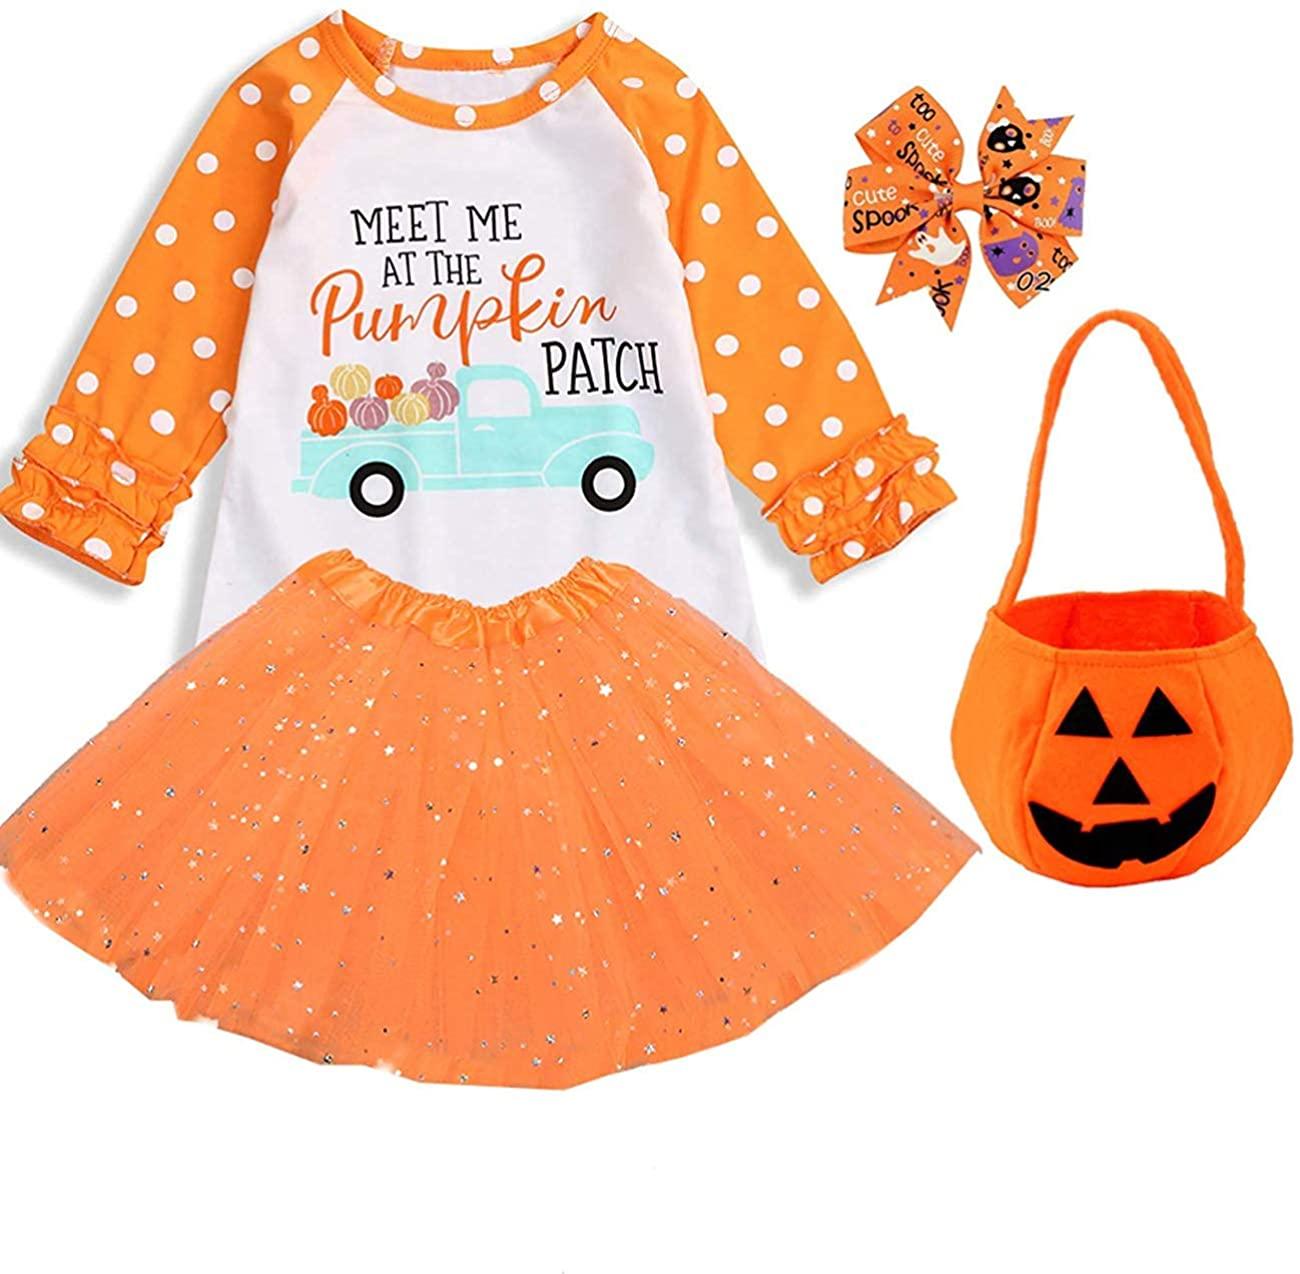 4PCS Baby Girls Halloween Skirt Sets Long Sleeve Cotton Ruffle Top +Tutu Skirt+Pumpkin Bag+Clip Outfits